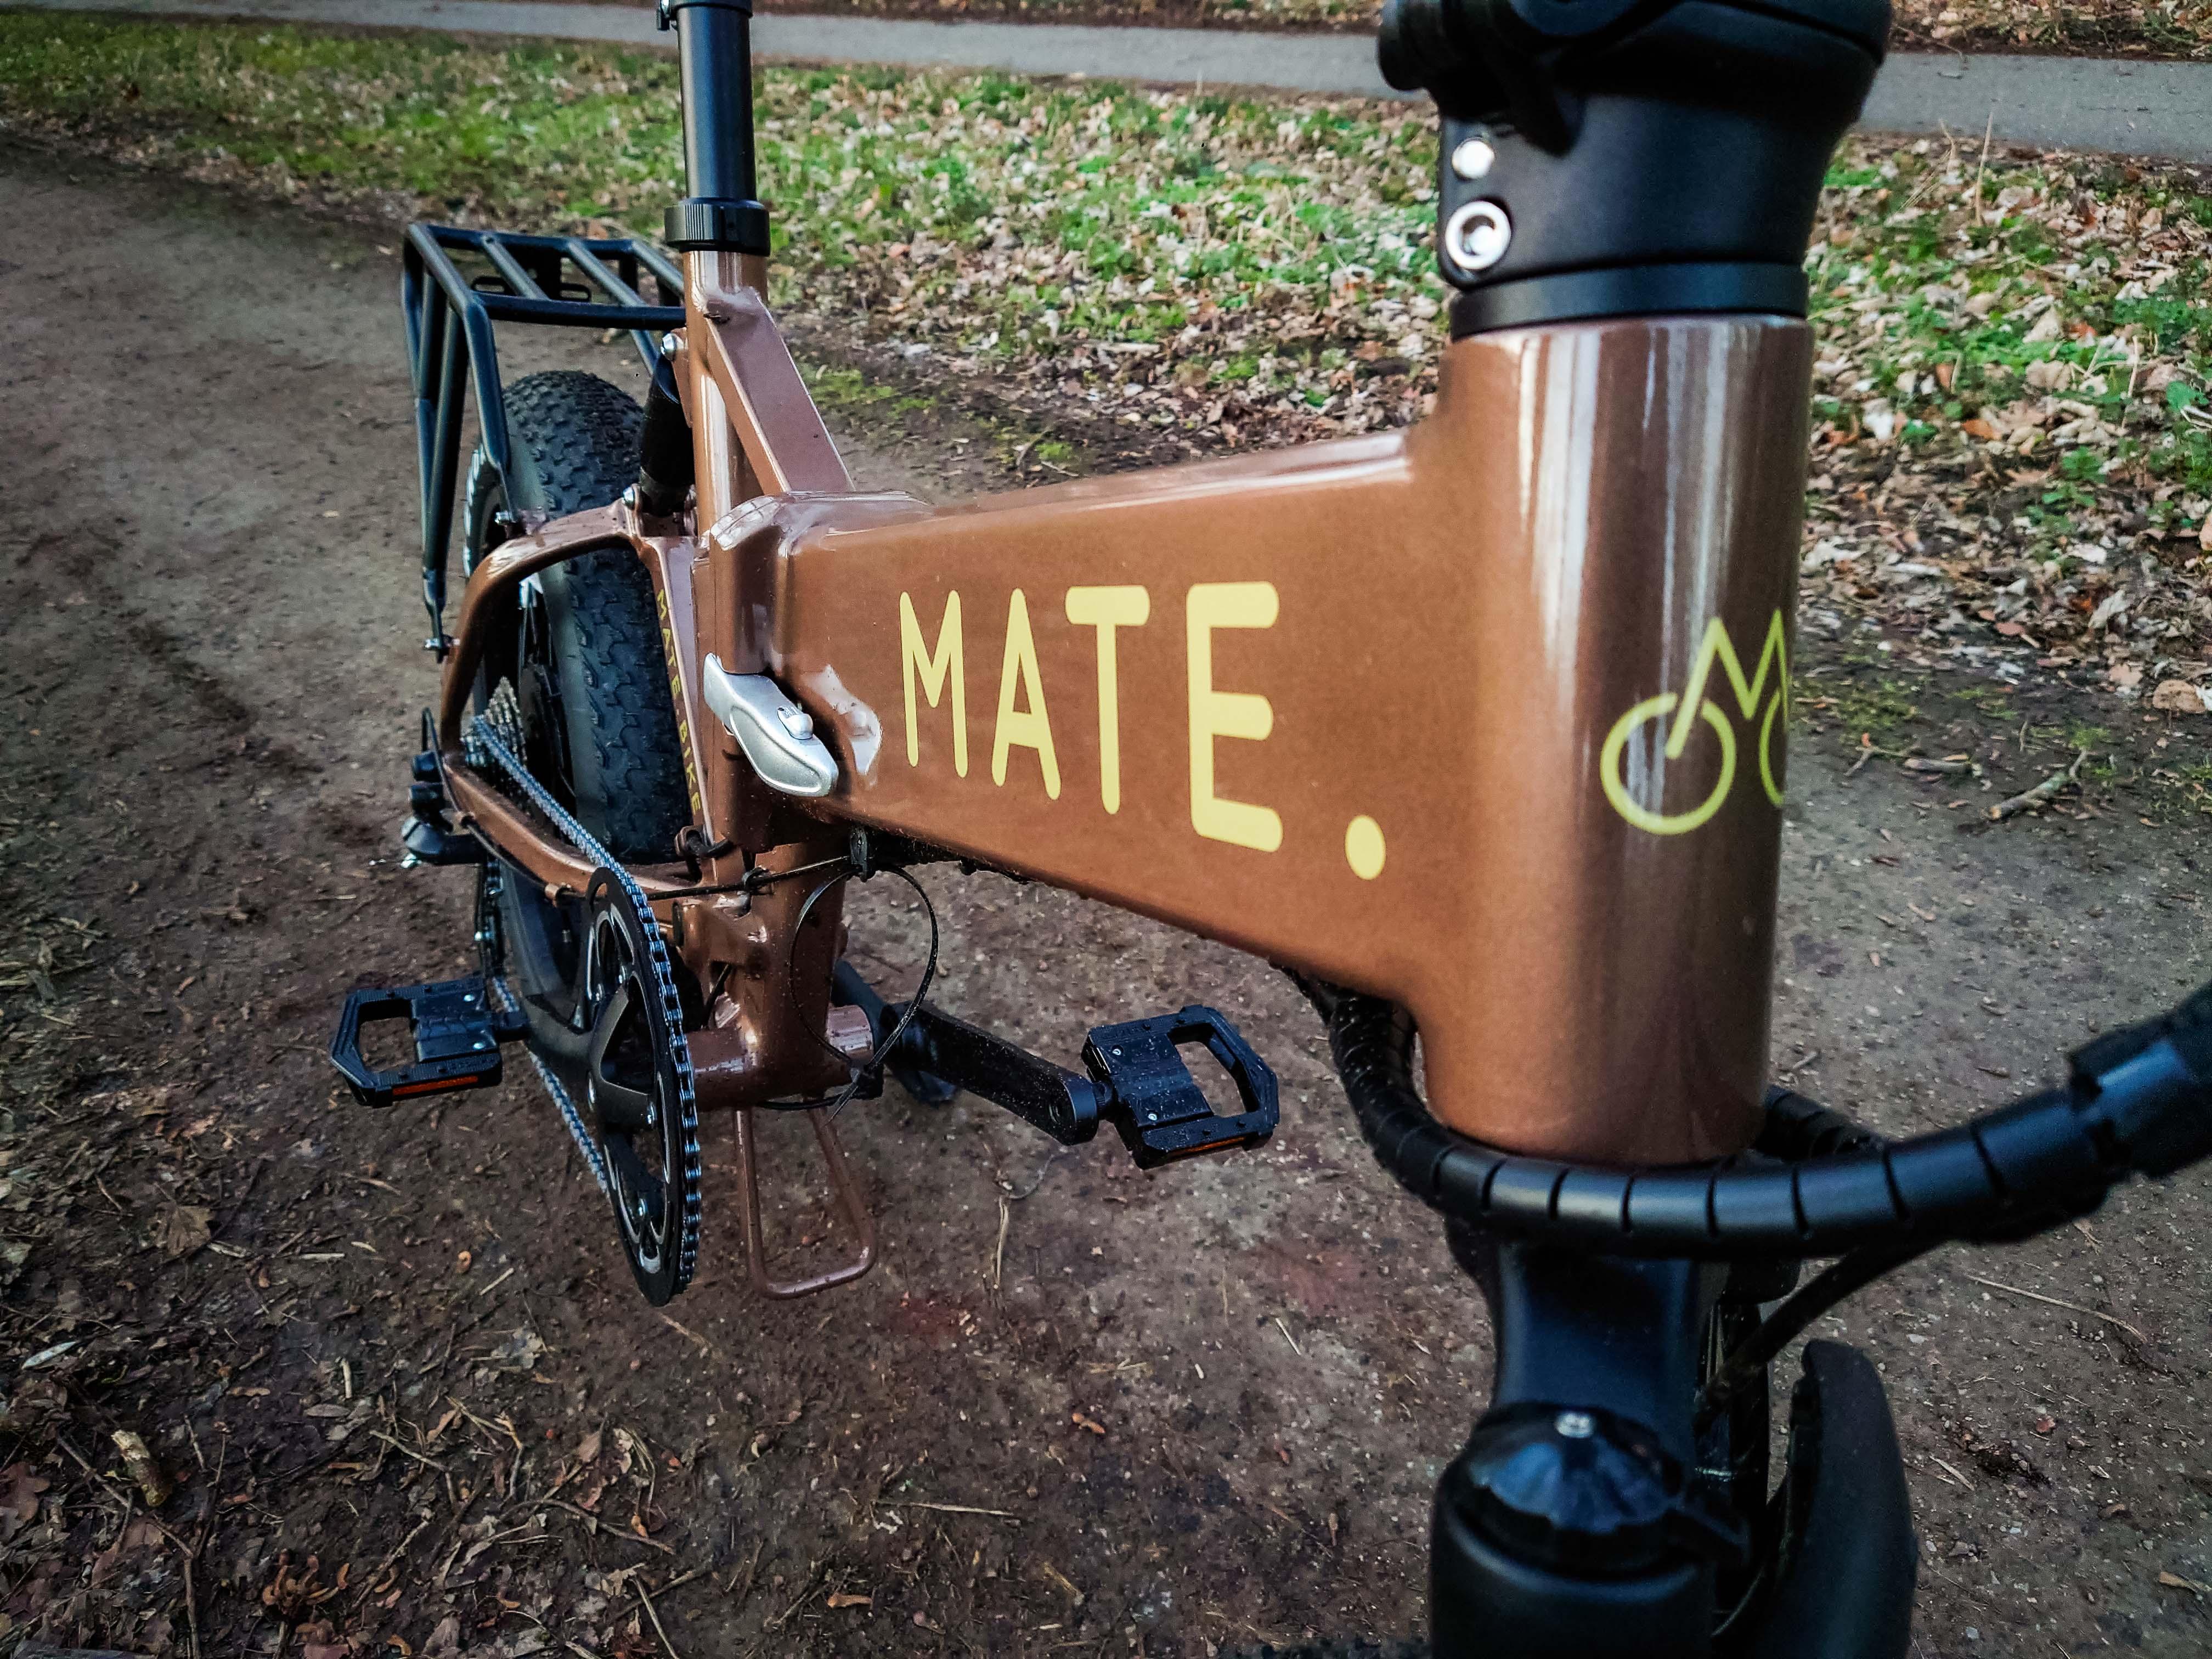 Das E-Bike der Dänen will vor allem eines: auffallen.